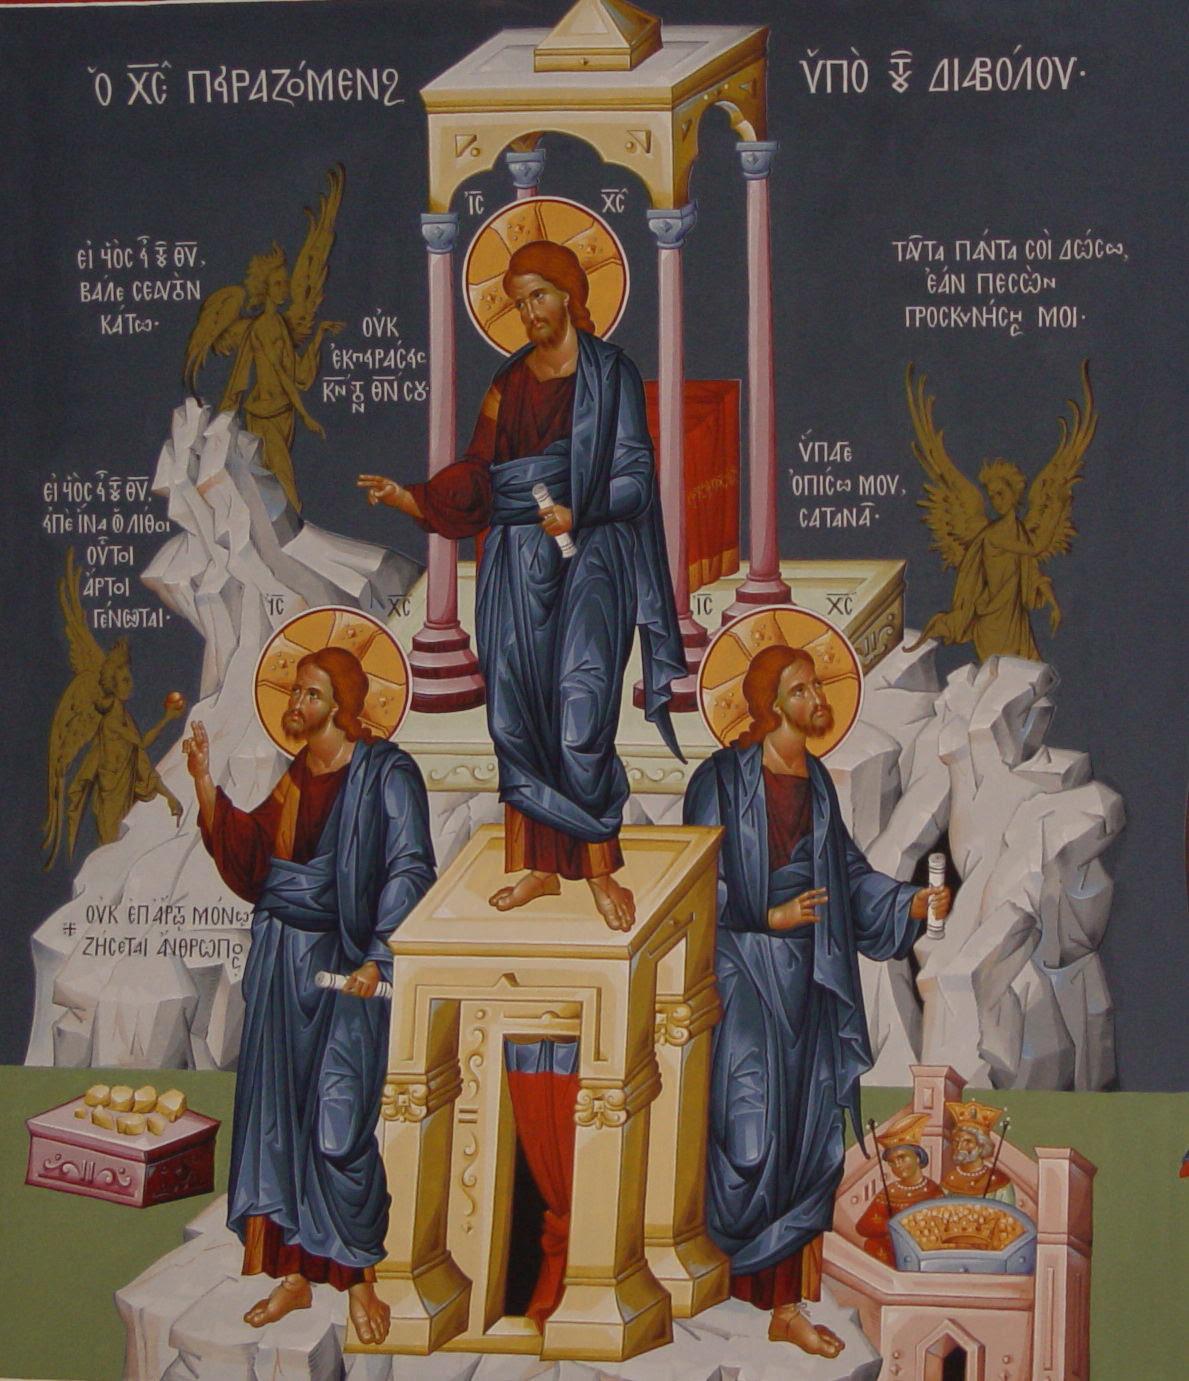 Αποτέλεσμα εικόνας για satana si hristos